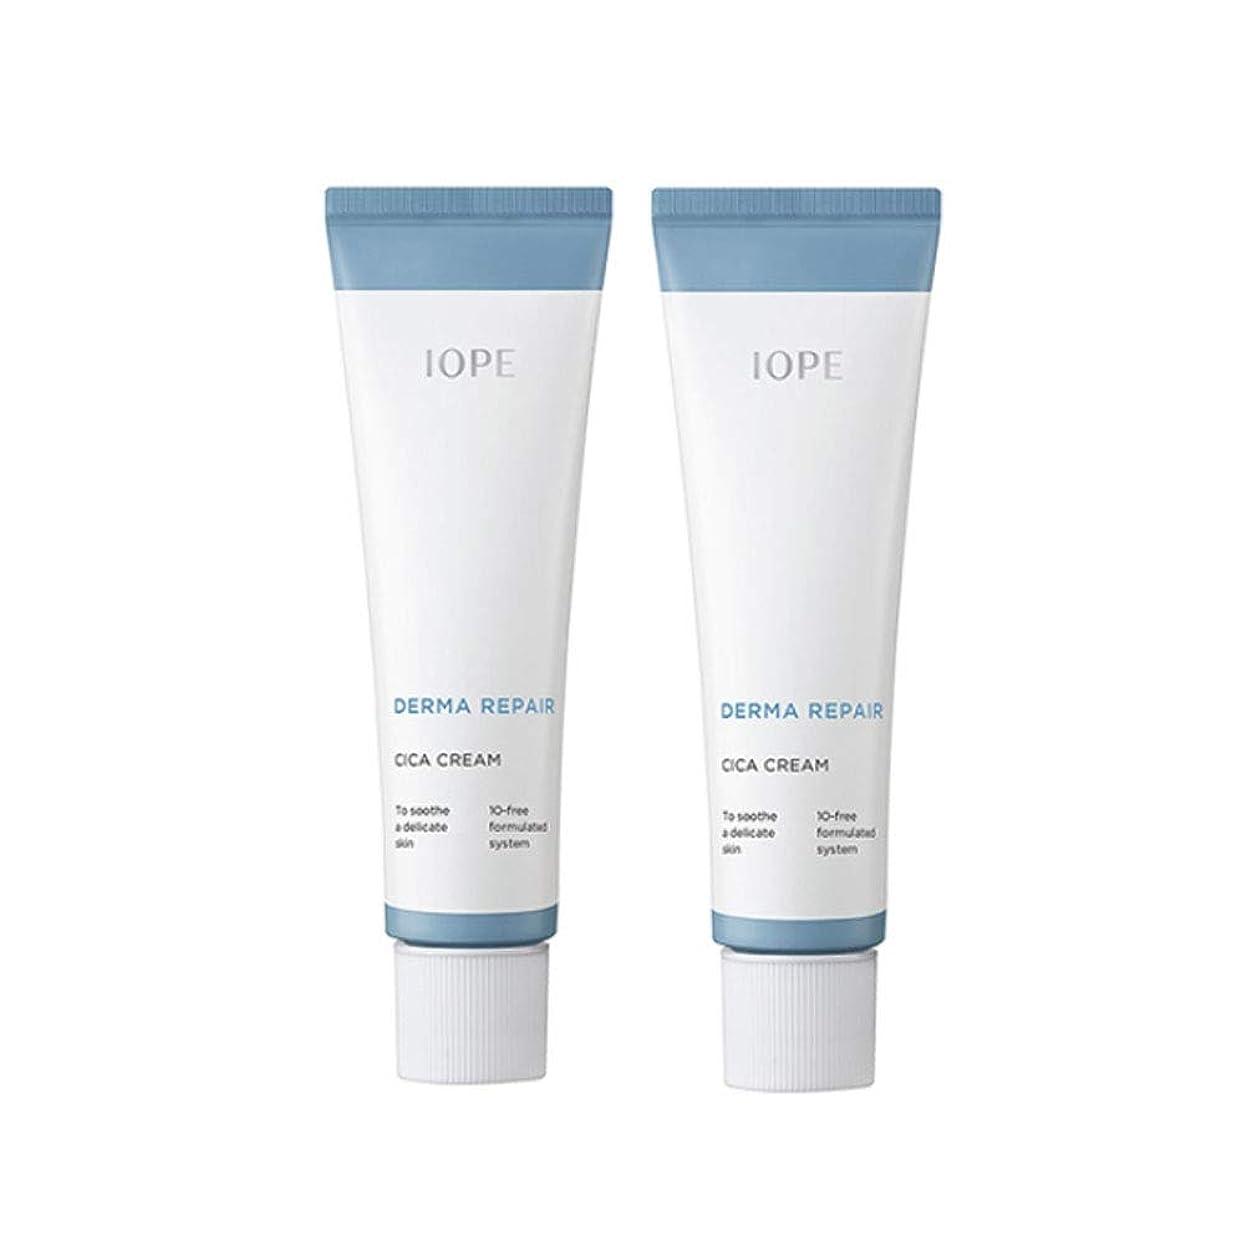 ネイティブ分散ファイルアイオペダーマリペアシカクリーム 50mlx2本セット 損傷のスキンケア韓国コスメ、IOPE Derma Repair Cica Cream 50ml x 2ea Set Damaged Skin Care Korean Cosmetics [並行輸入品]